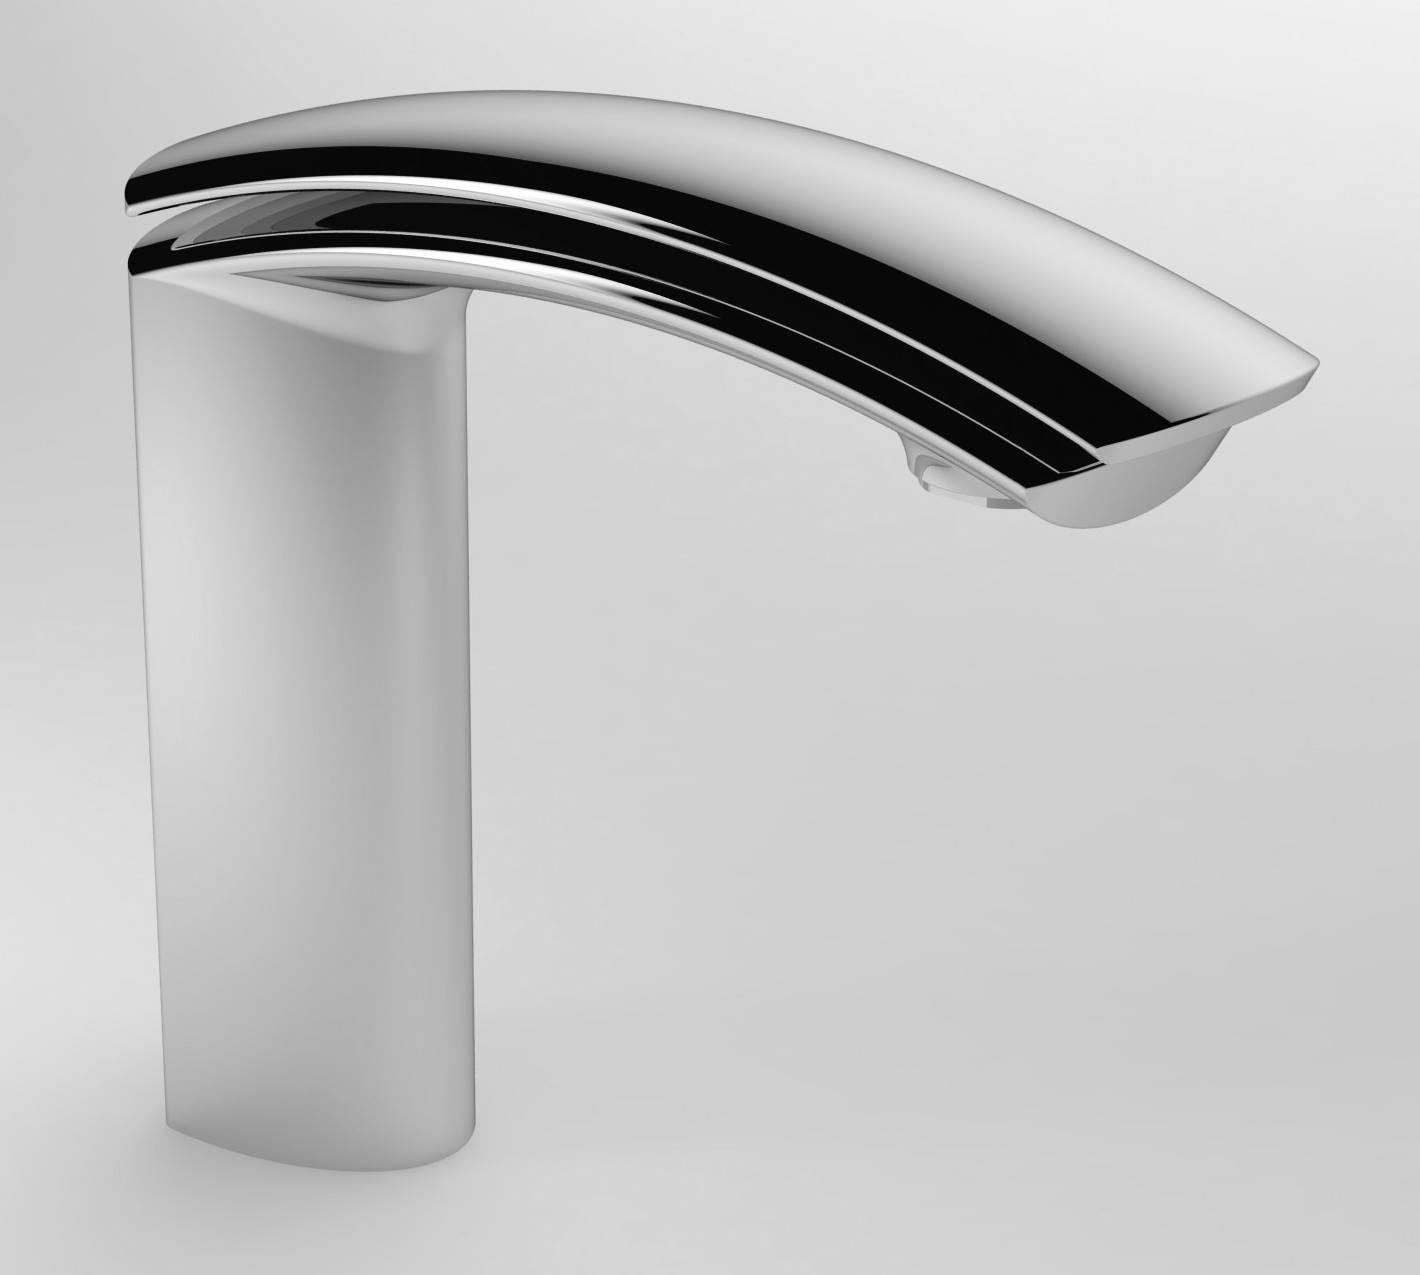 Effepi rubinetterie bagno italiano blog - Rubinetterie per bagno ...